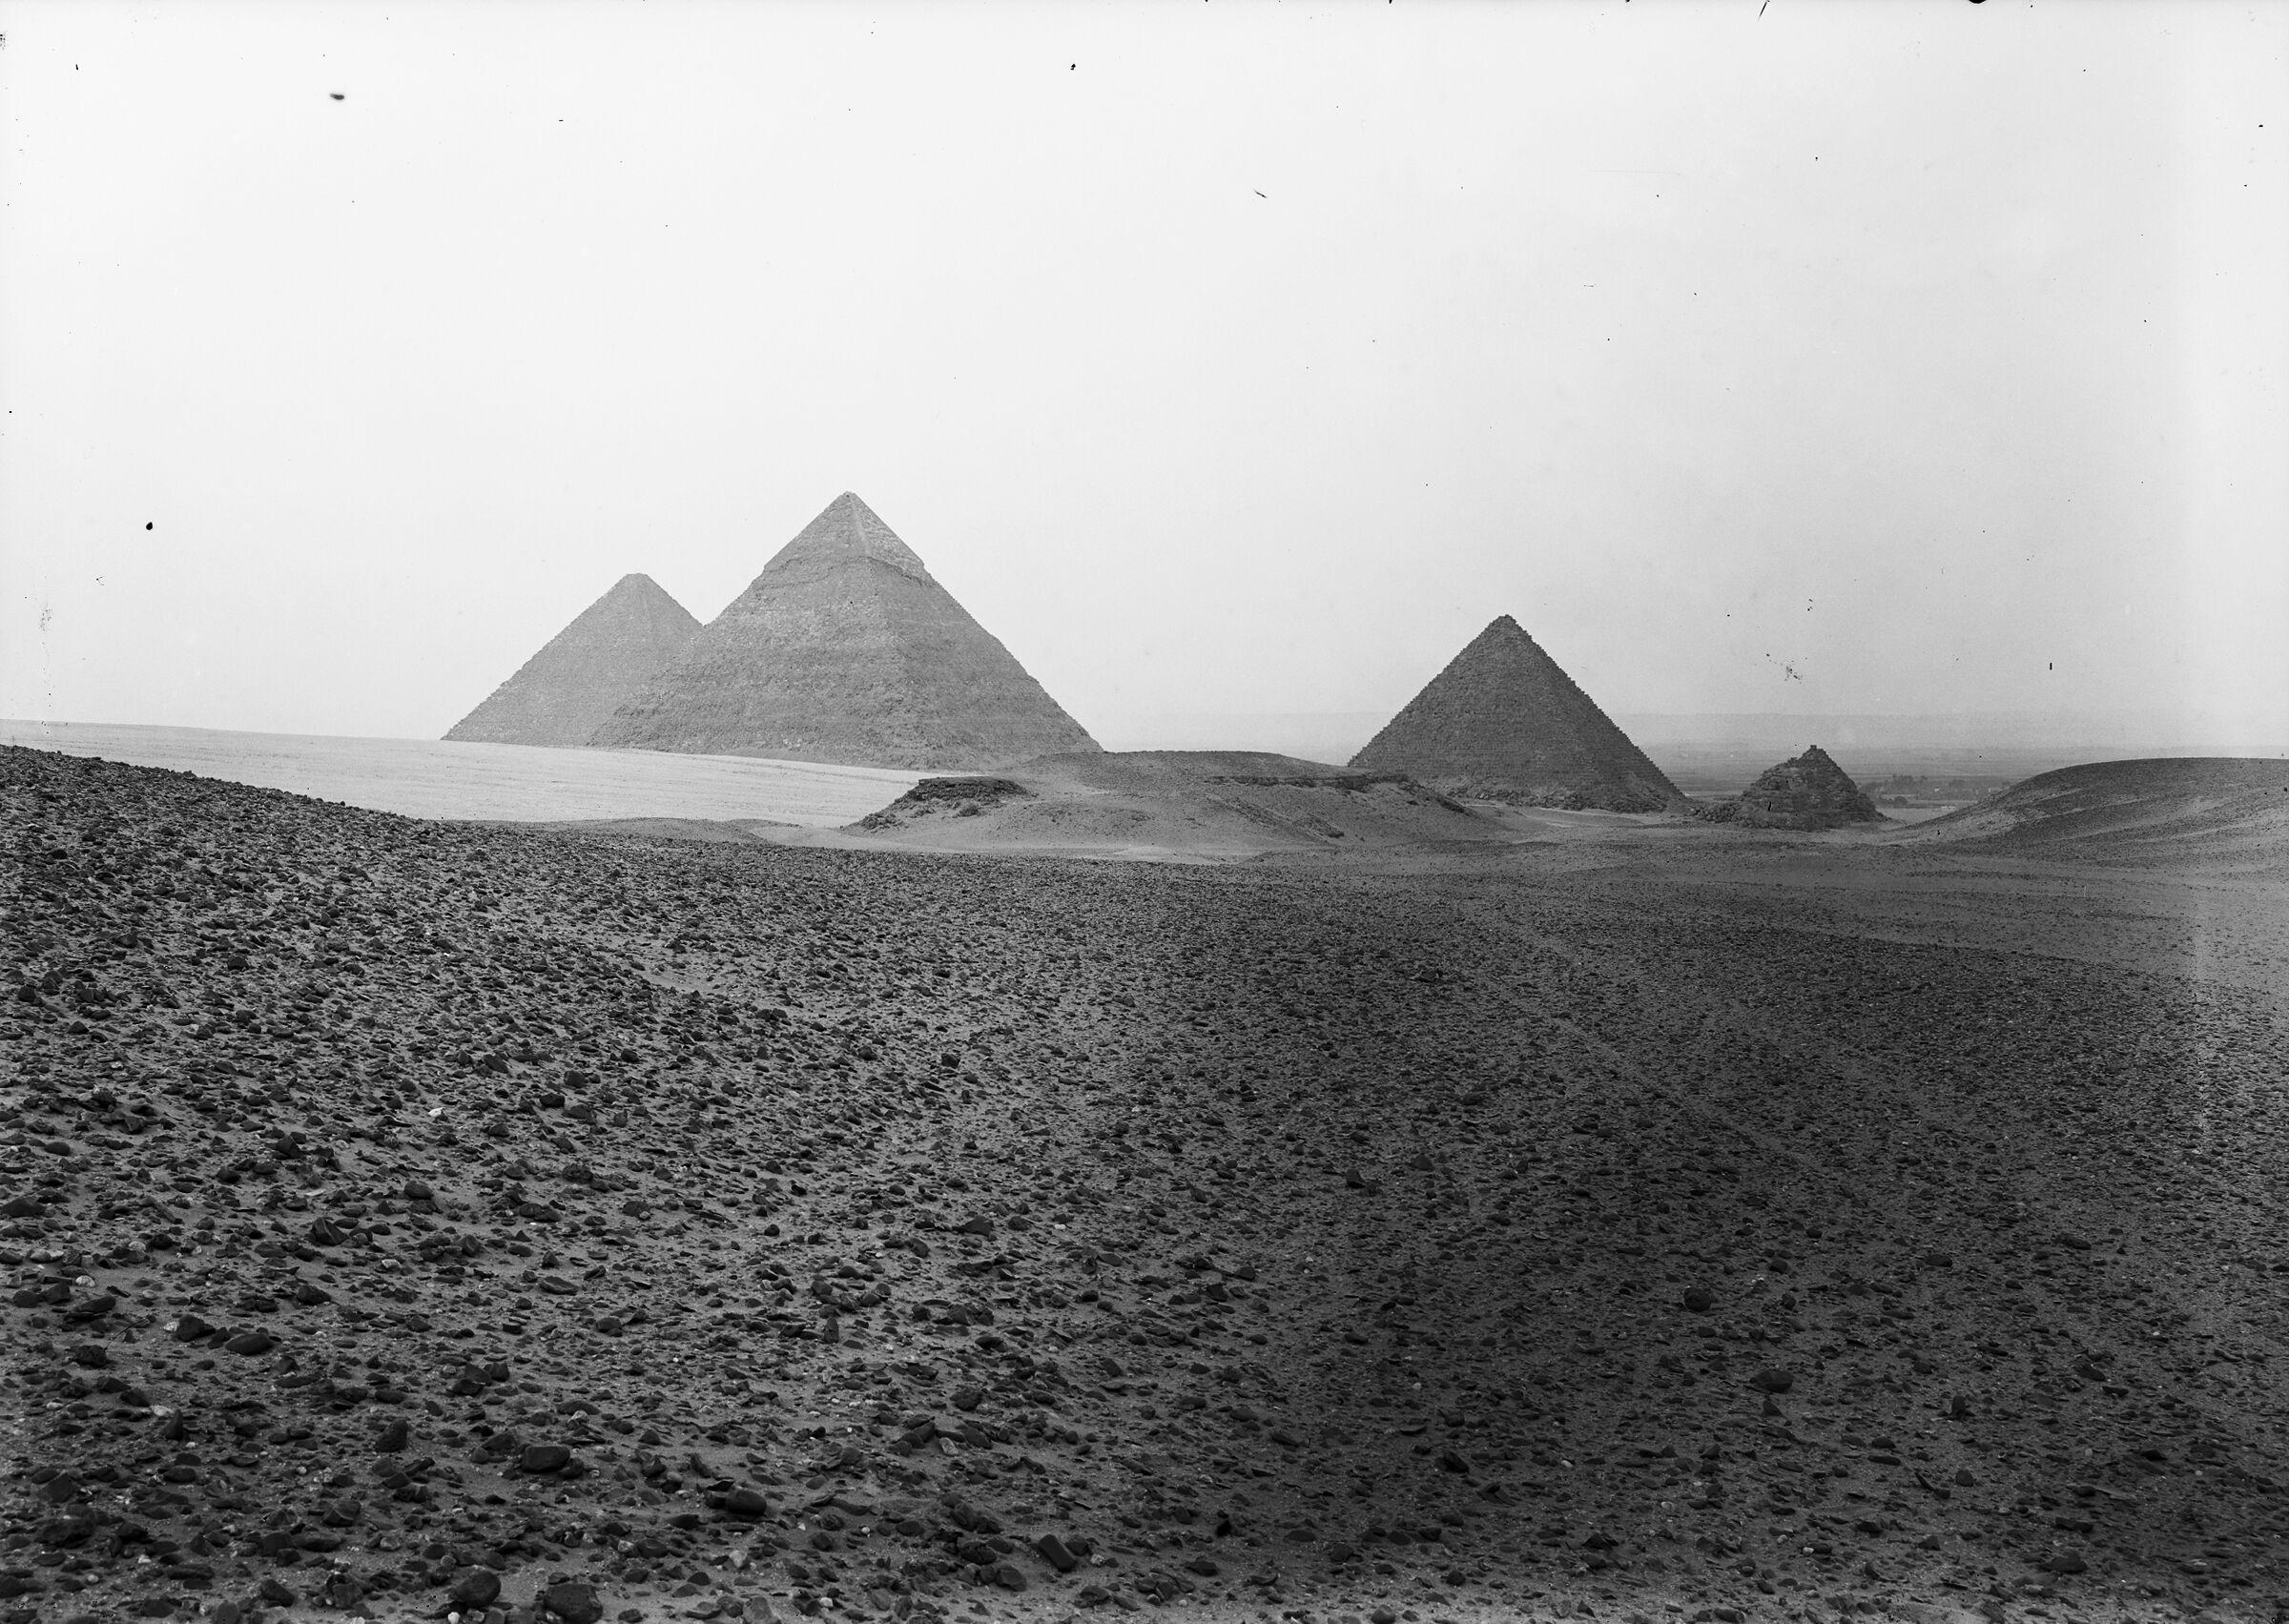 General view: Site: Giza; View: Khafre pyramid, Khufu pyramid, Menkaure pyramid